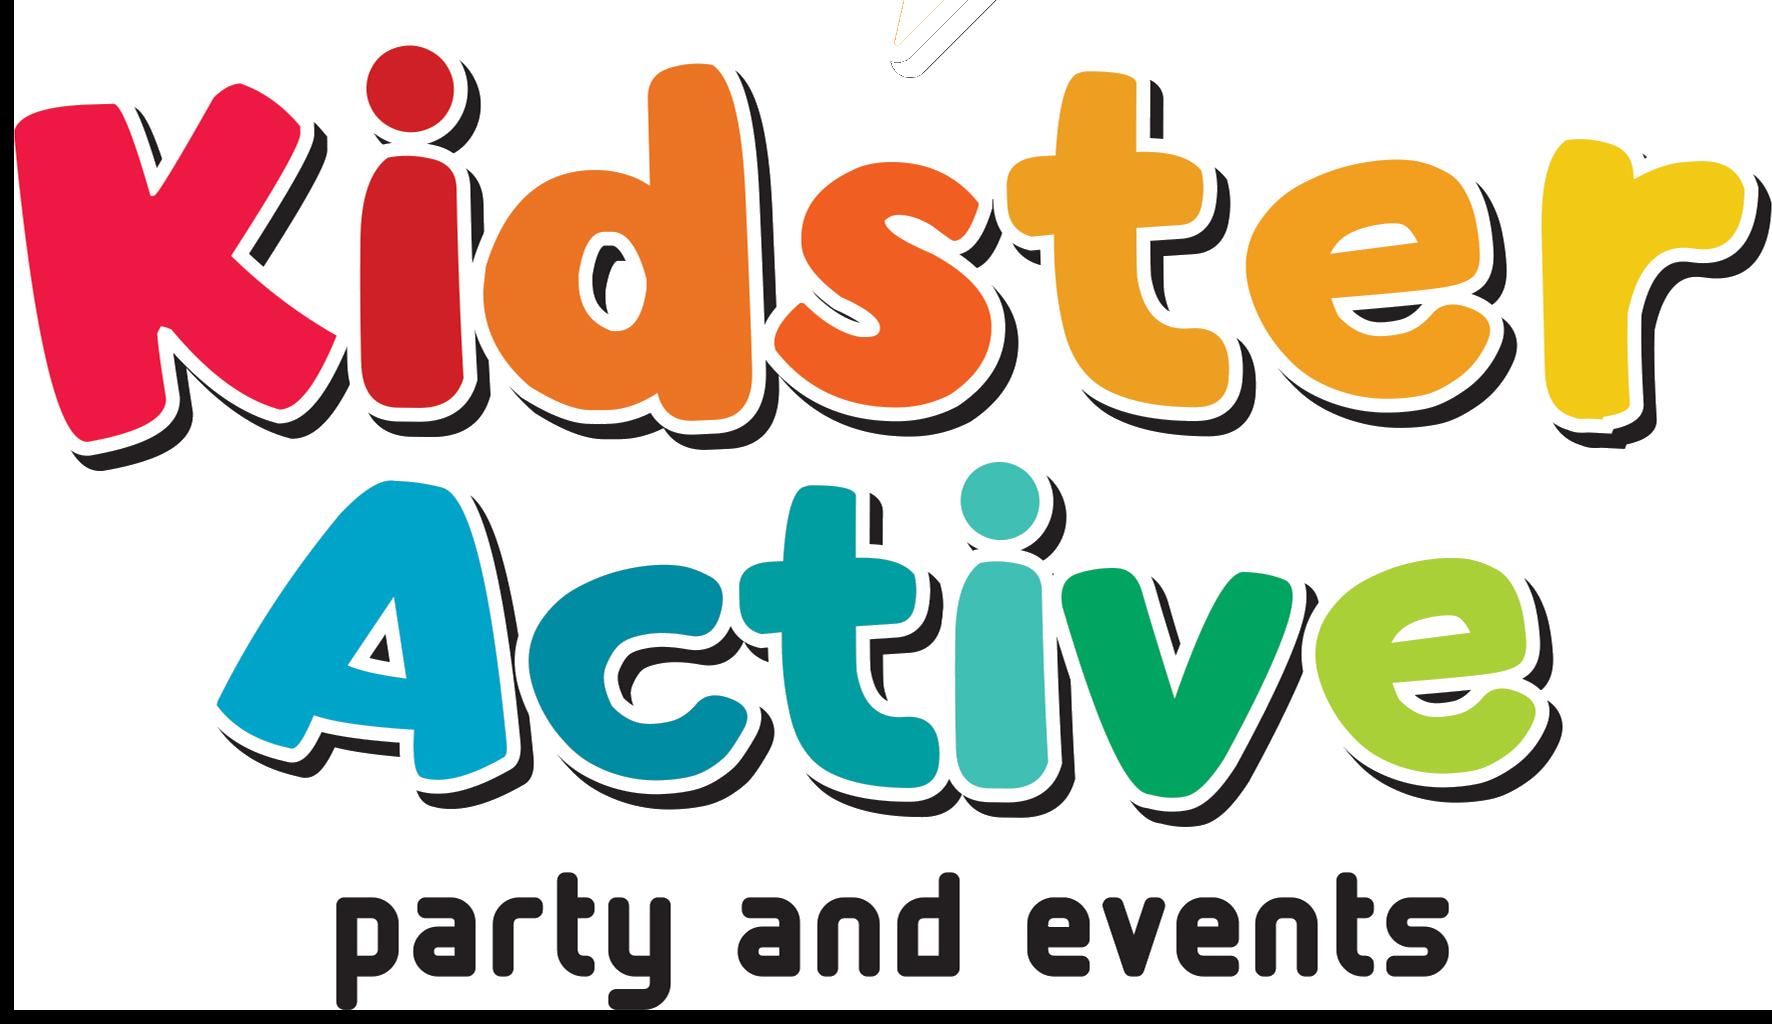 KidsterActive